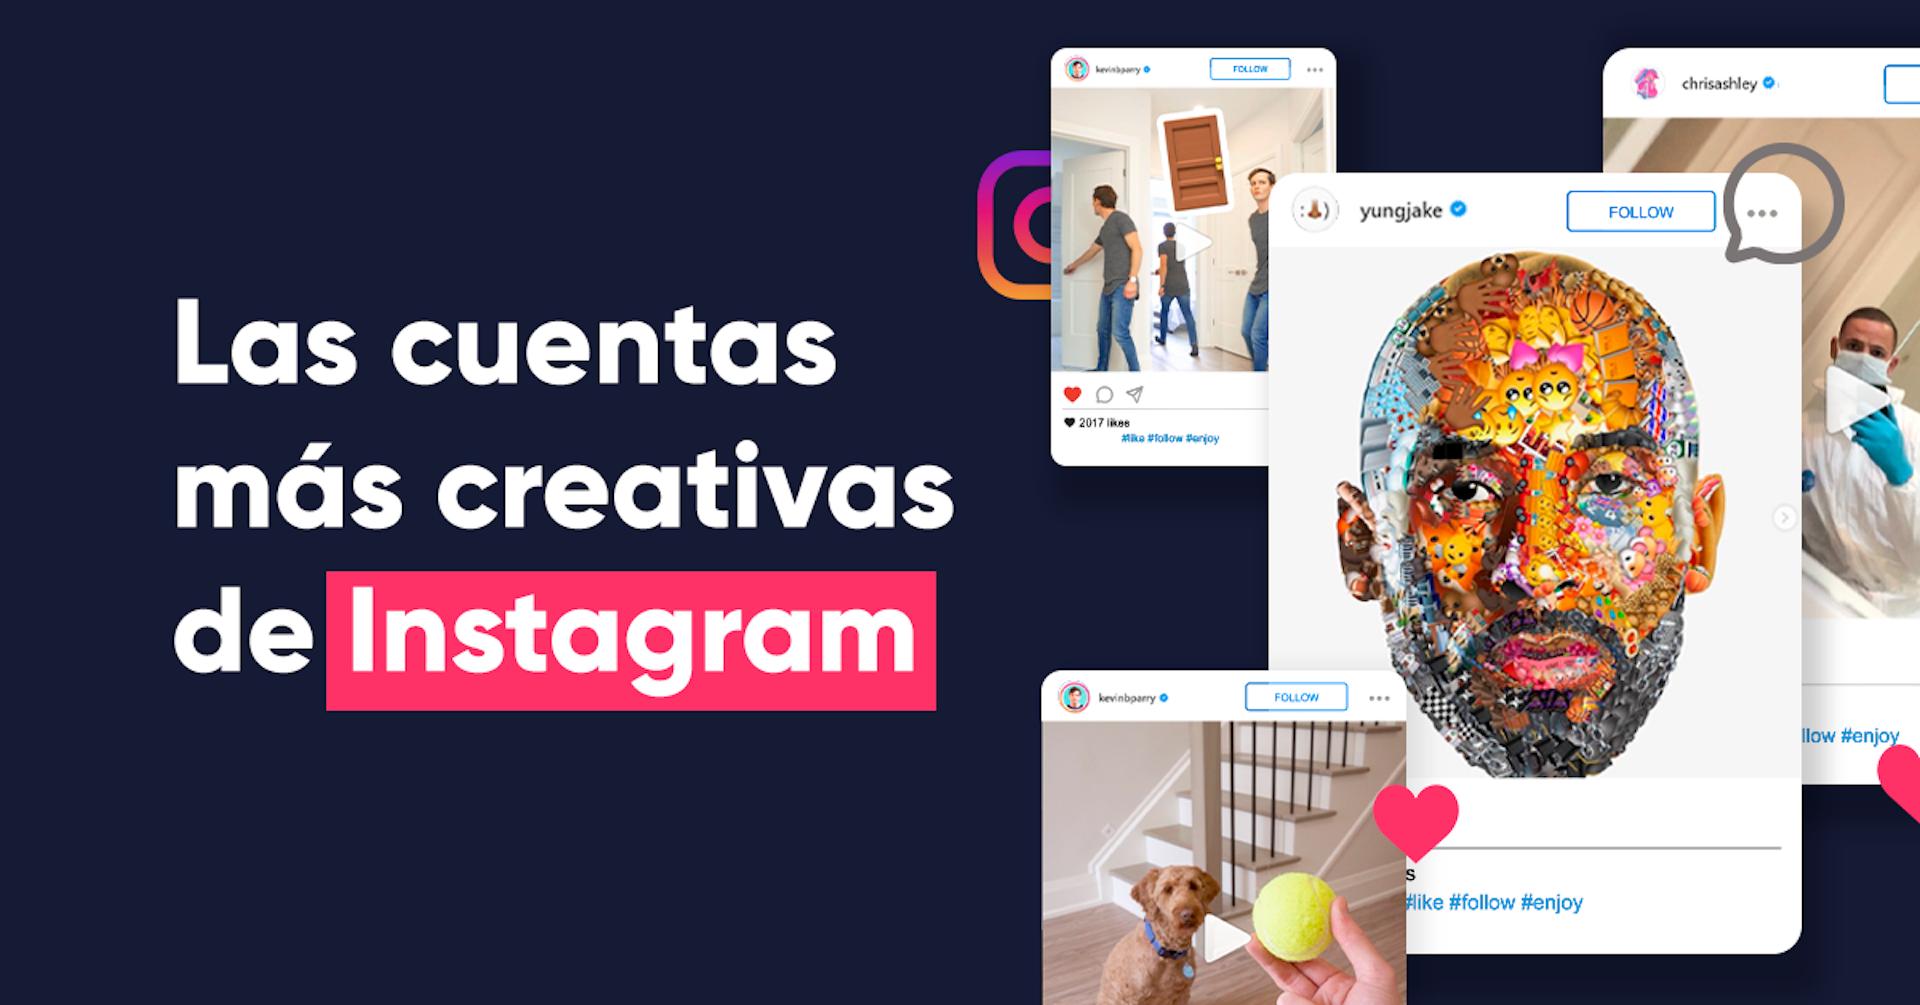 Las 10 cuentas de Instagram más creativas que debes seguir